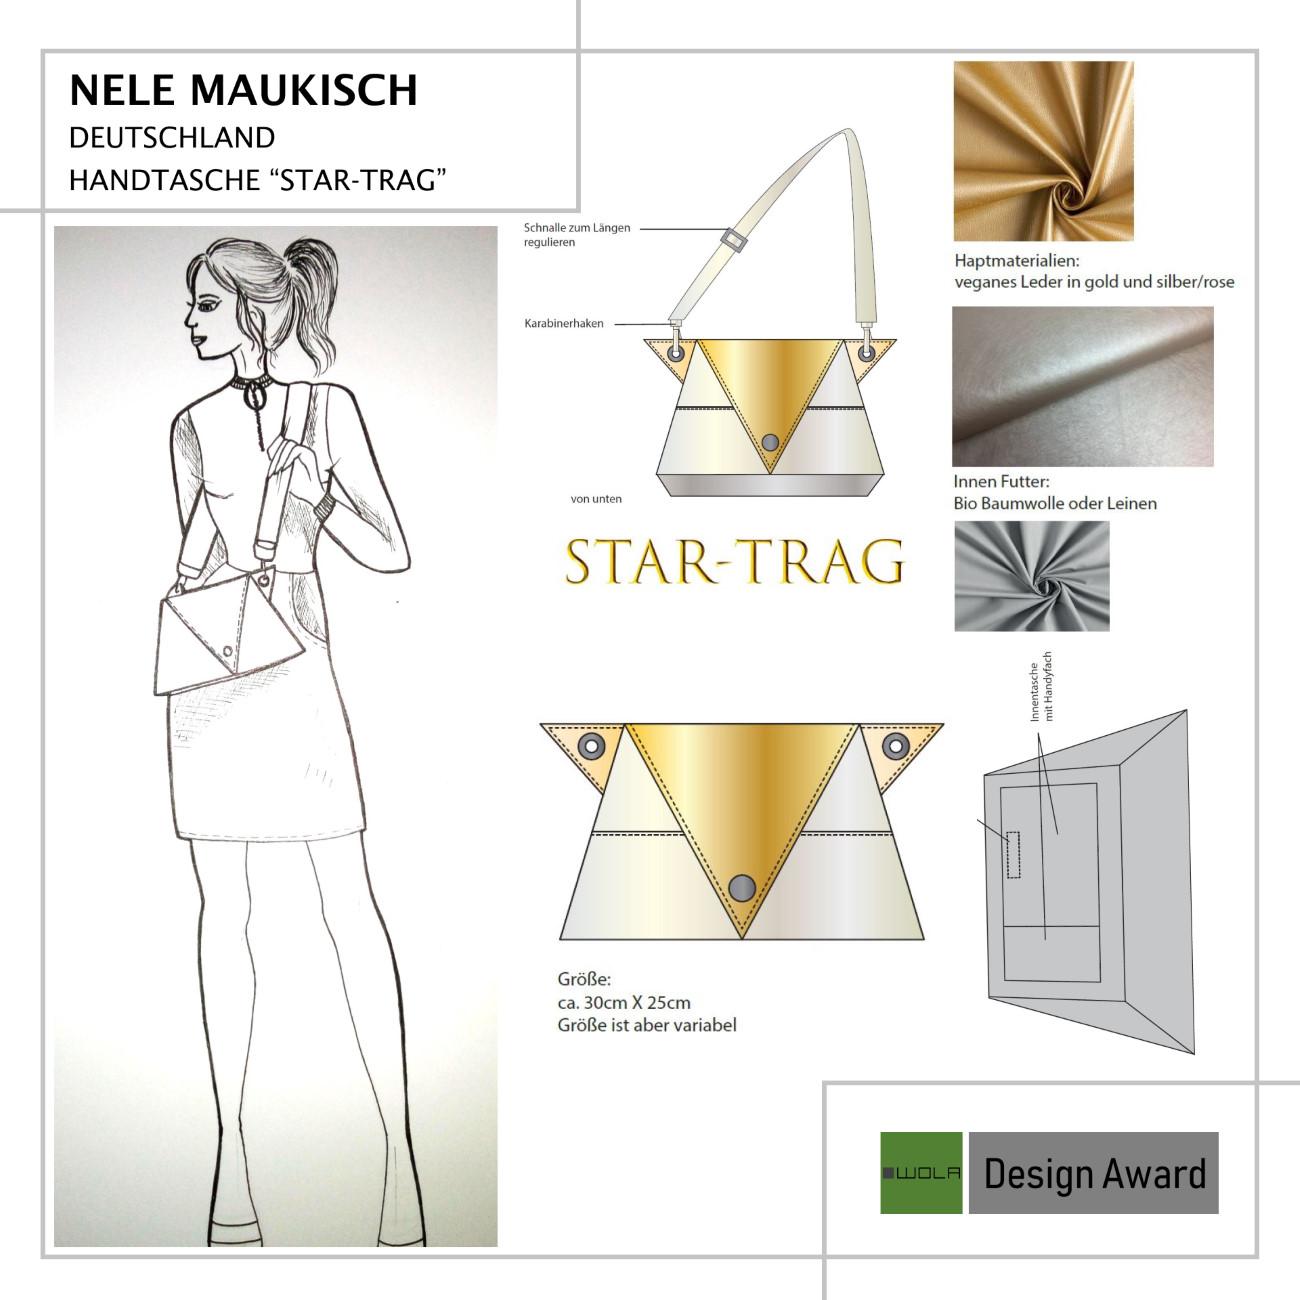 Beitrag WOLA Design Award -Nele Maukisch 8